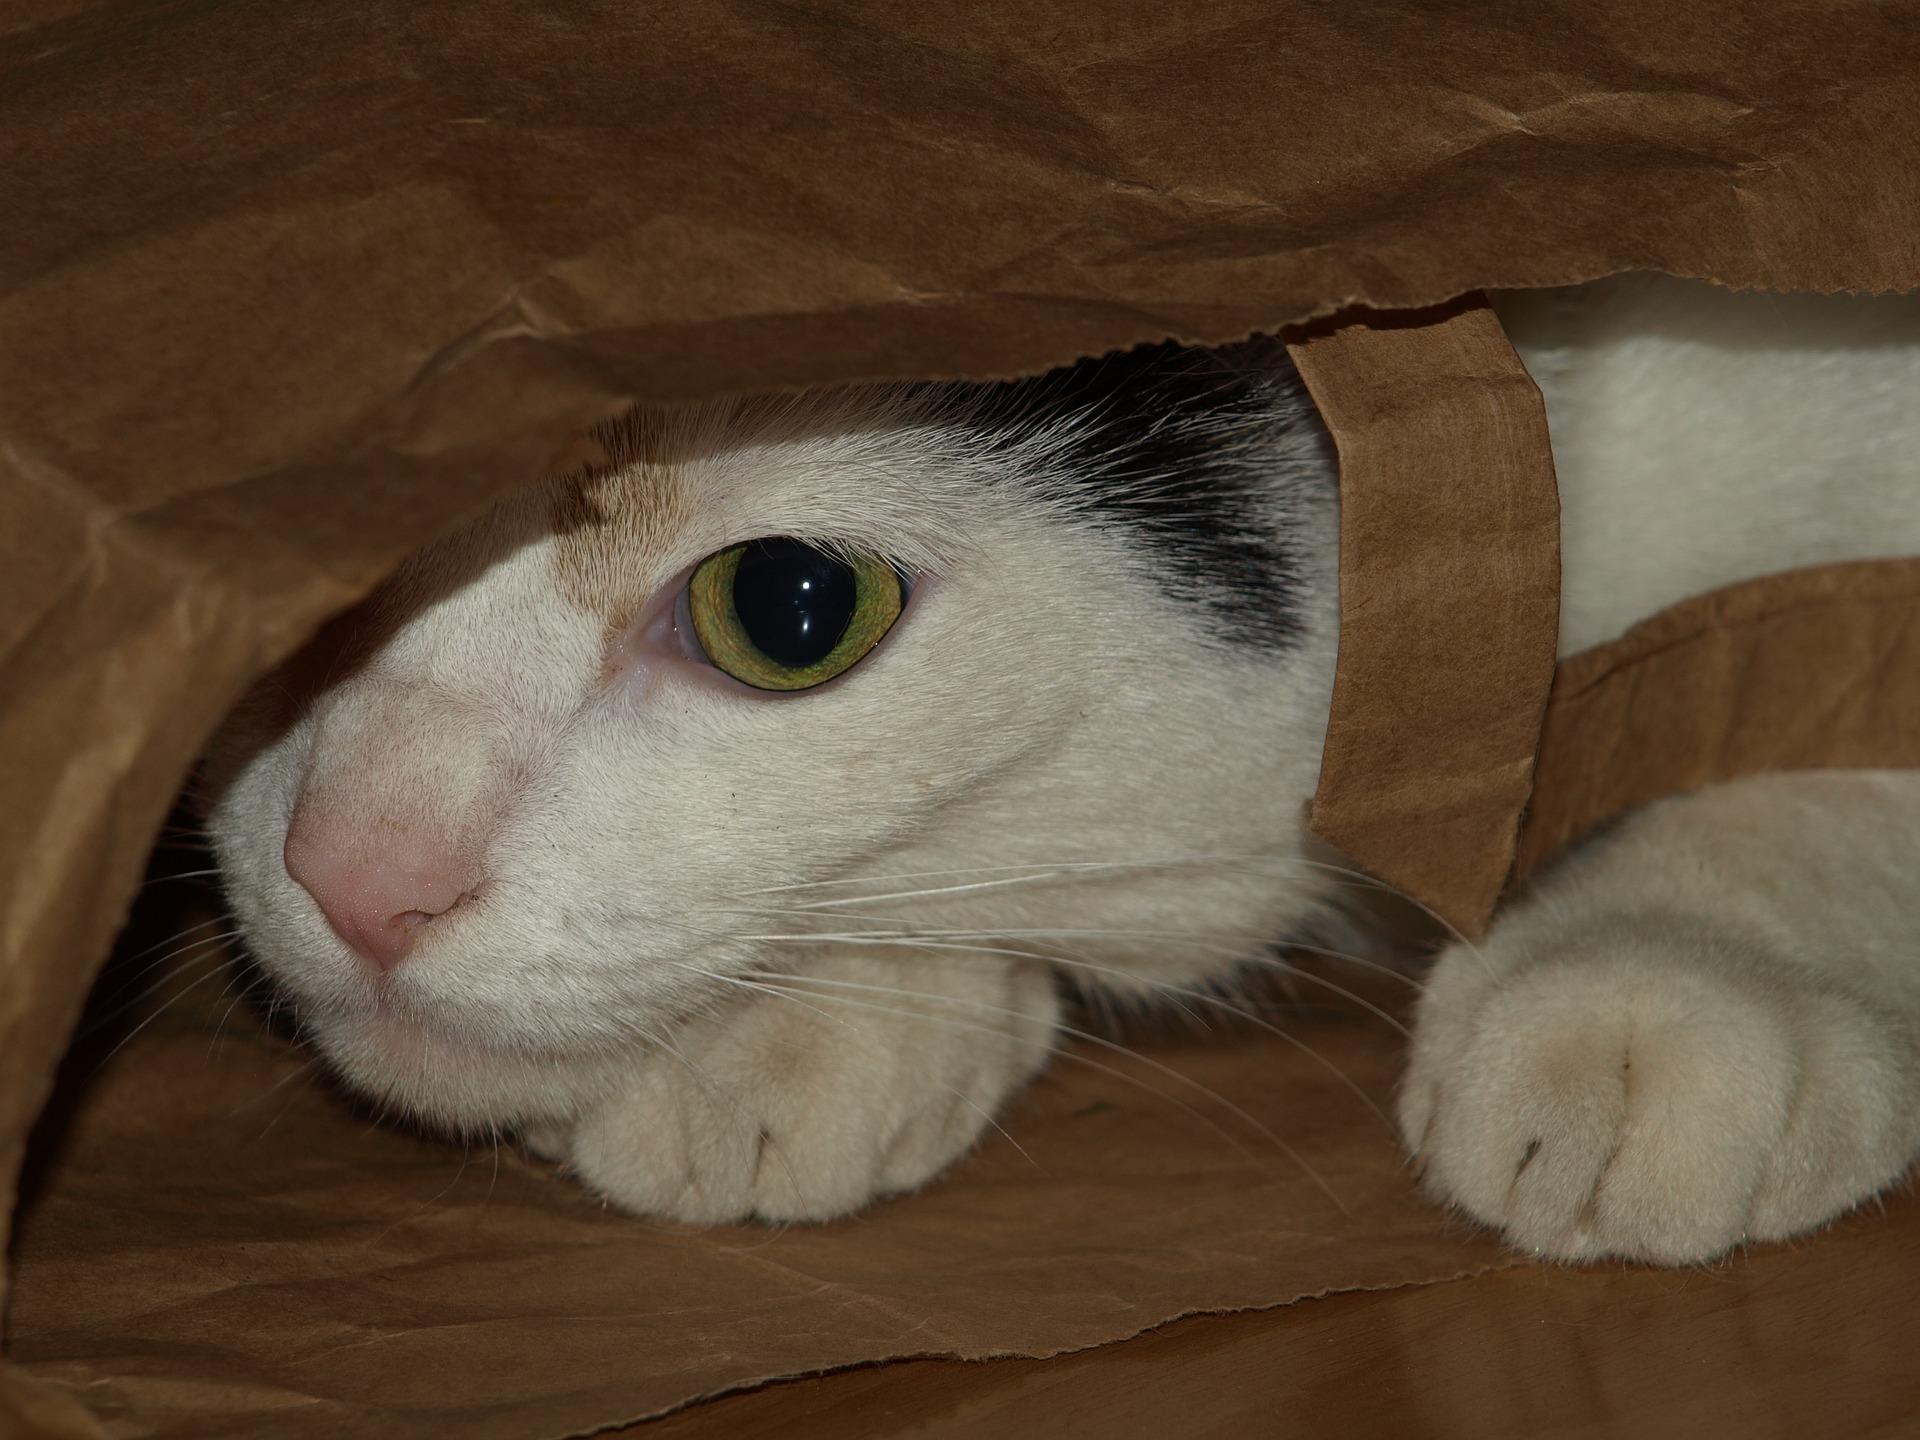 cat eats plastic